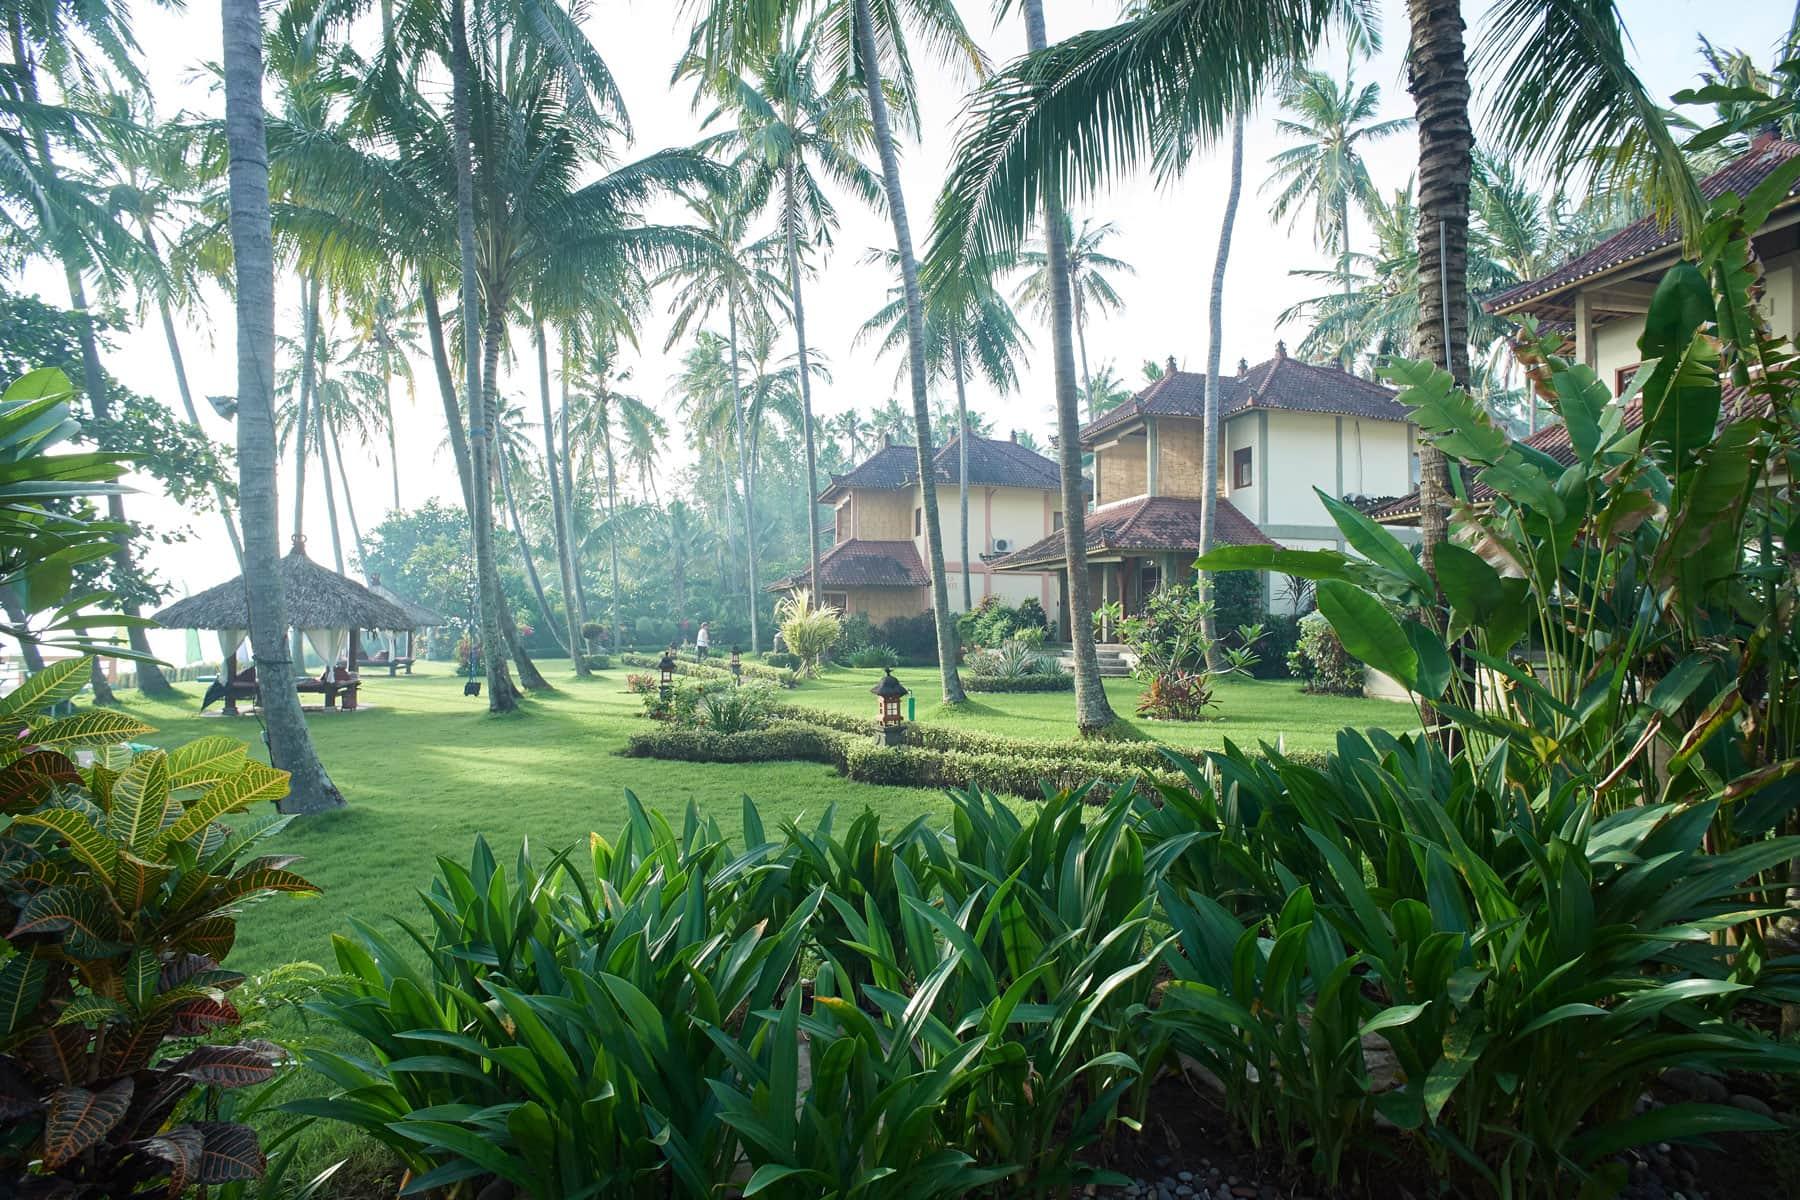 Das Foto zeigt eine sehr gepflegte Hotelanlage mit schöne Palmen und Gästehäusern in zarten Sonnenlicht